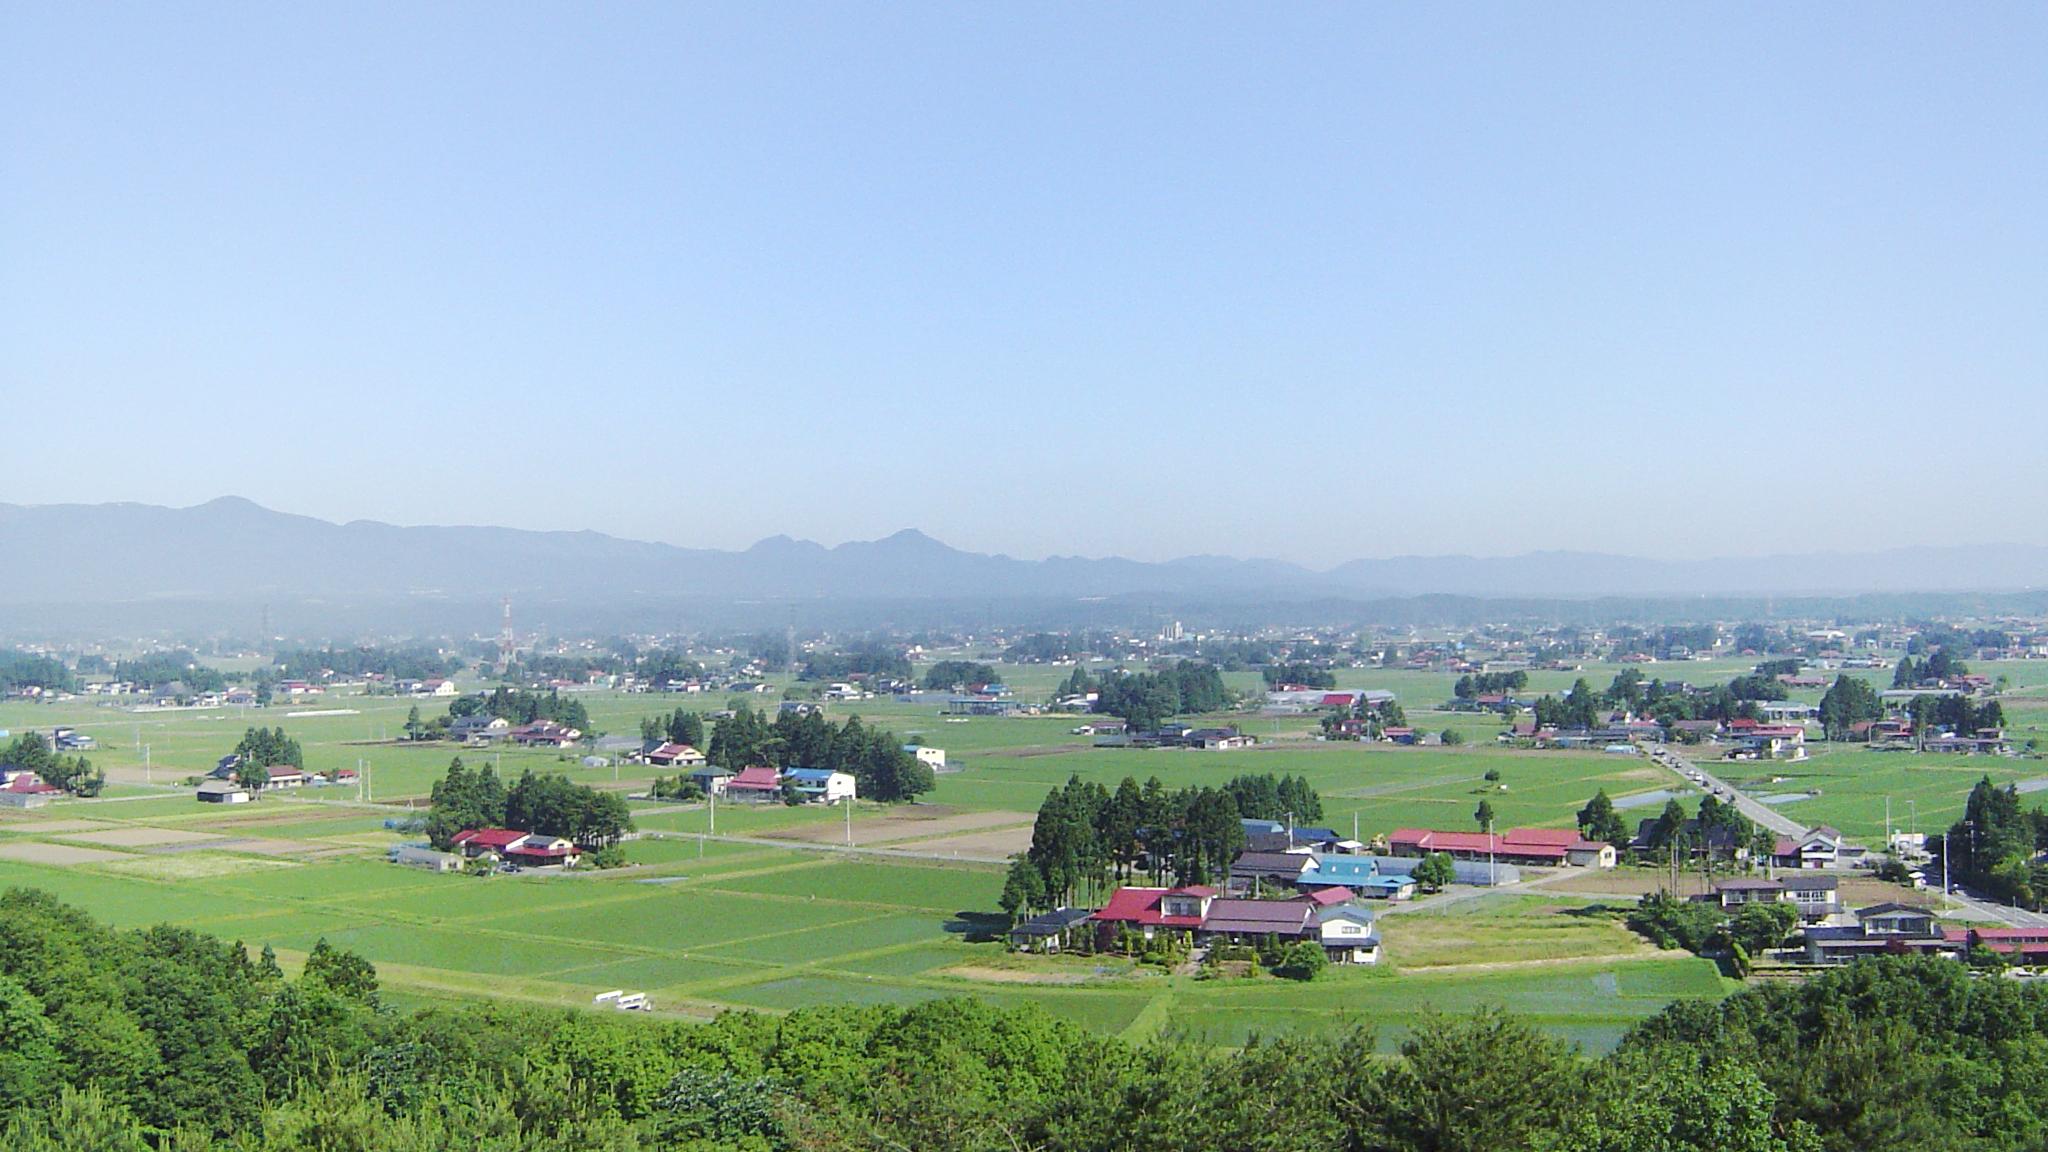 人口は約12万人で市民の約3人に1人が何かしらの形で農業に関わりを持つ岩手でも有数の農林畜産物の産地です。水沢区を中心に市街地が広がり街の中央を北上川が流れ、市の中心部からもほど近い胆沢区には日本の原風景が残る日本三大散居村が広がります。